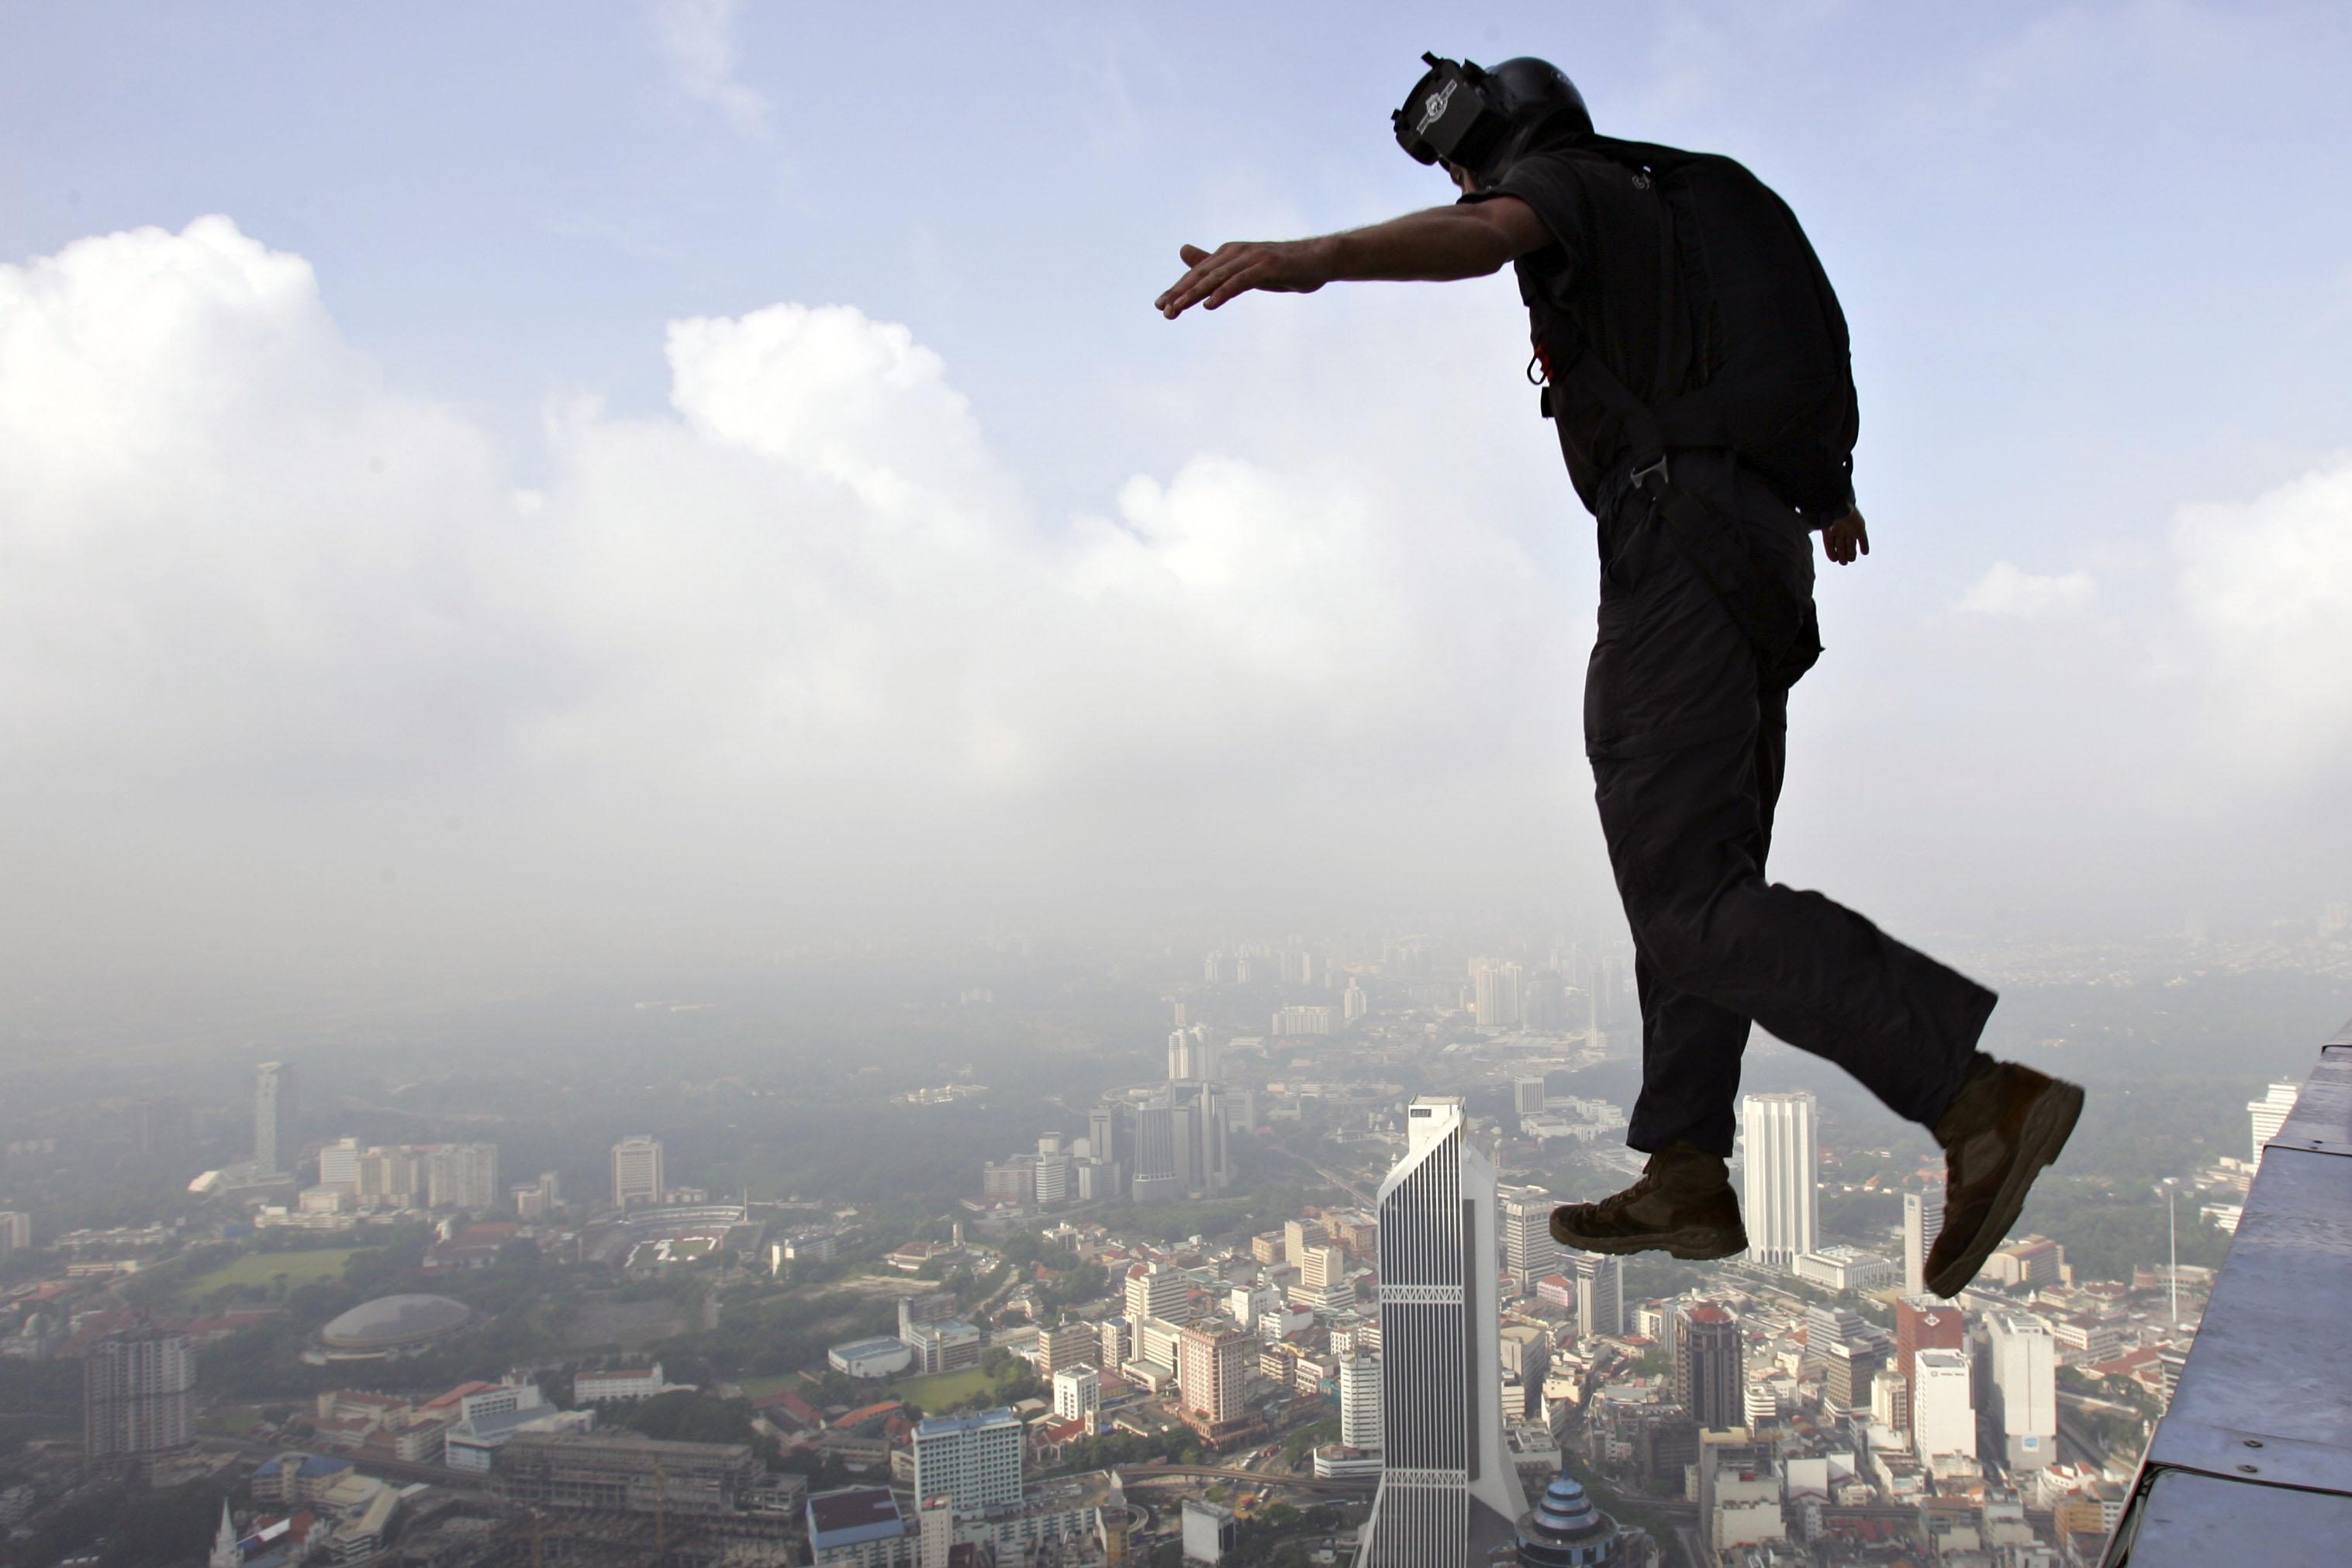 WTC Jumpers Phenomenon  American Free Press